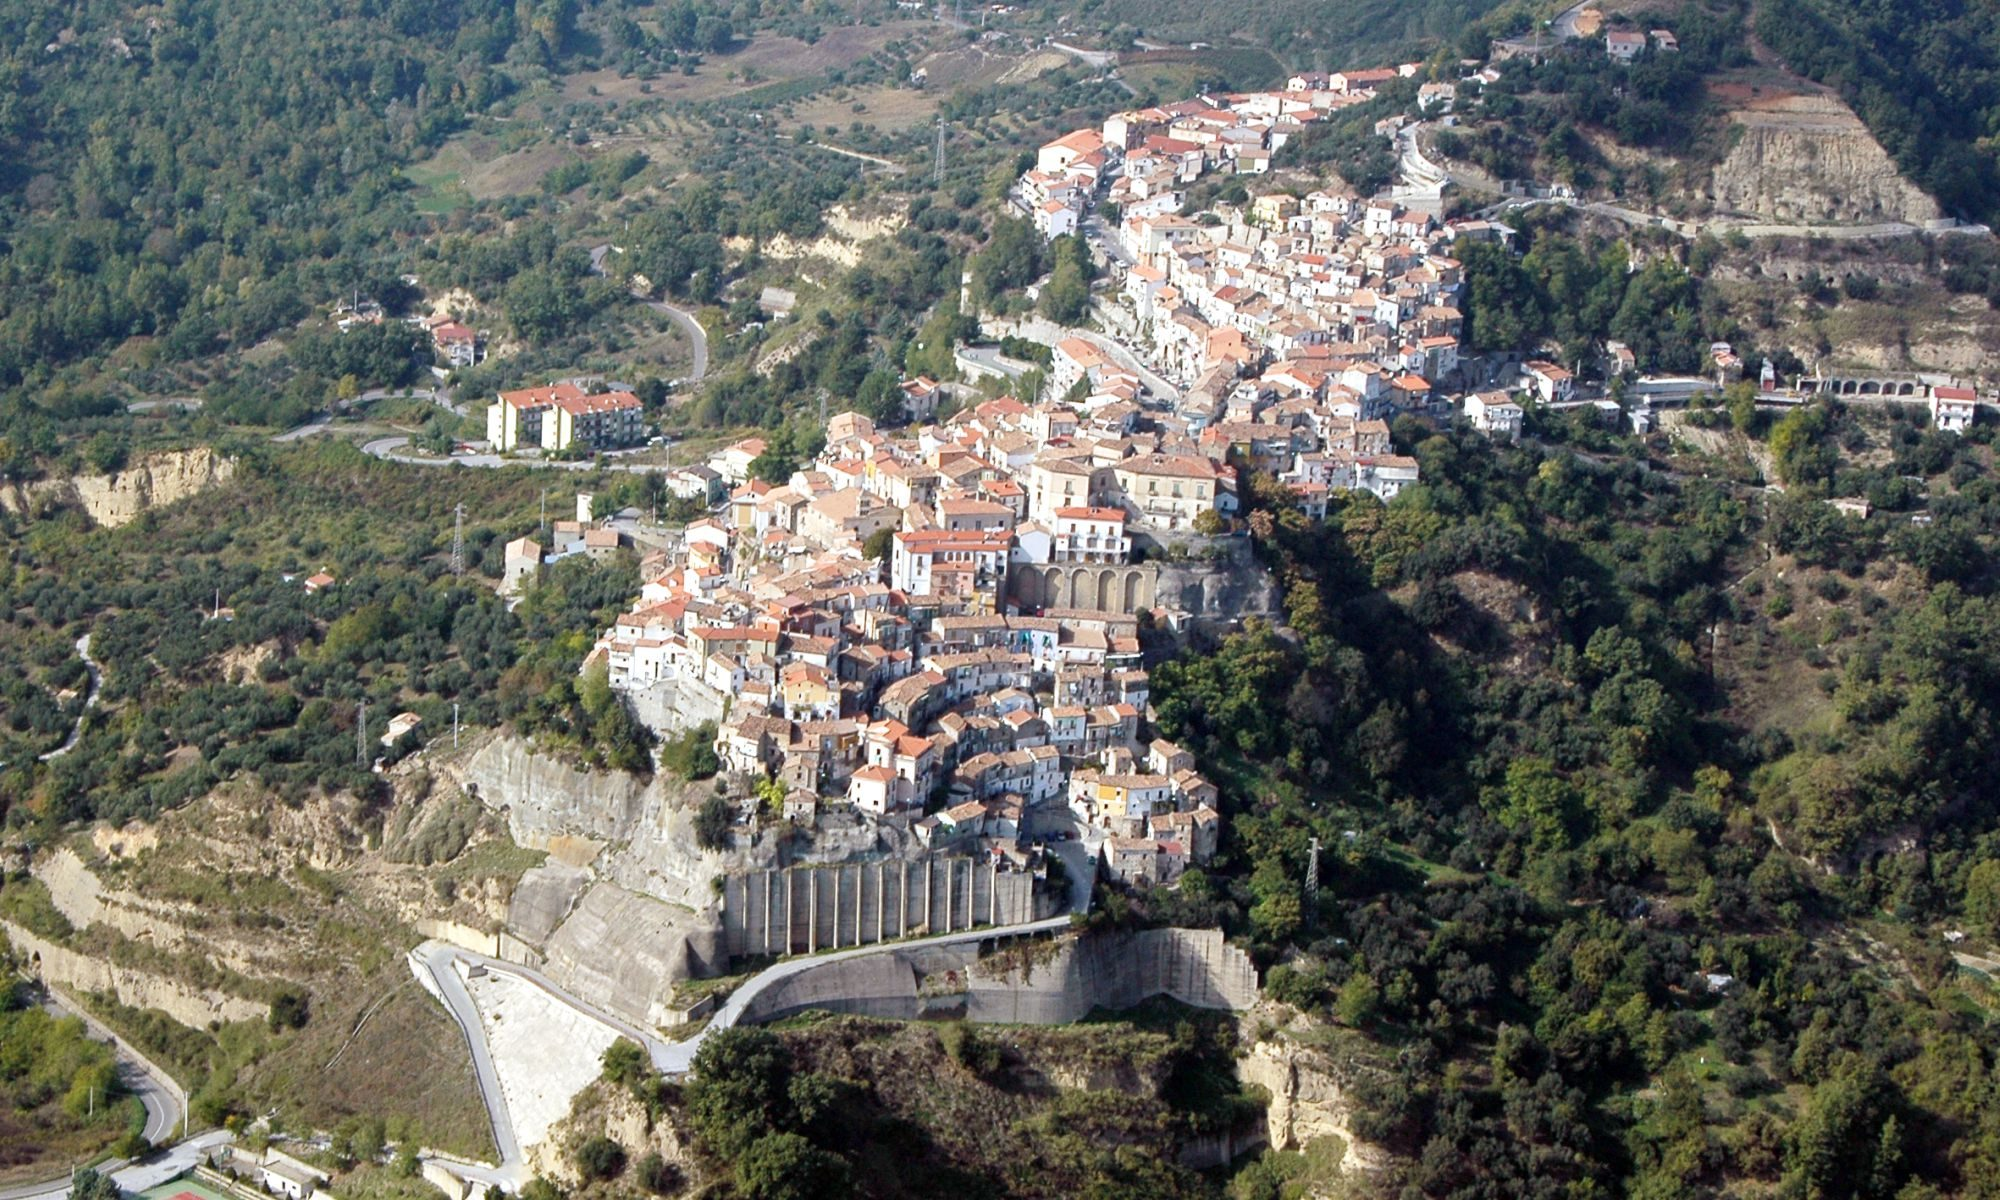 Castronuovo di Sant'Andrea